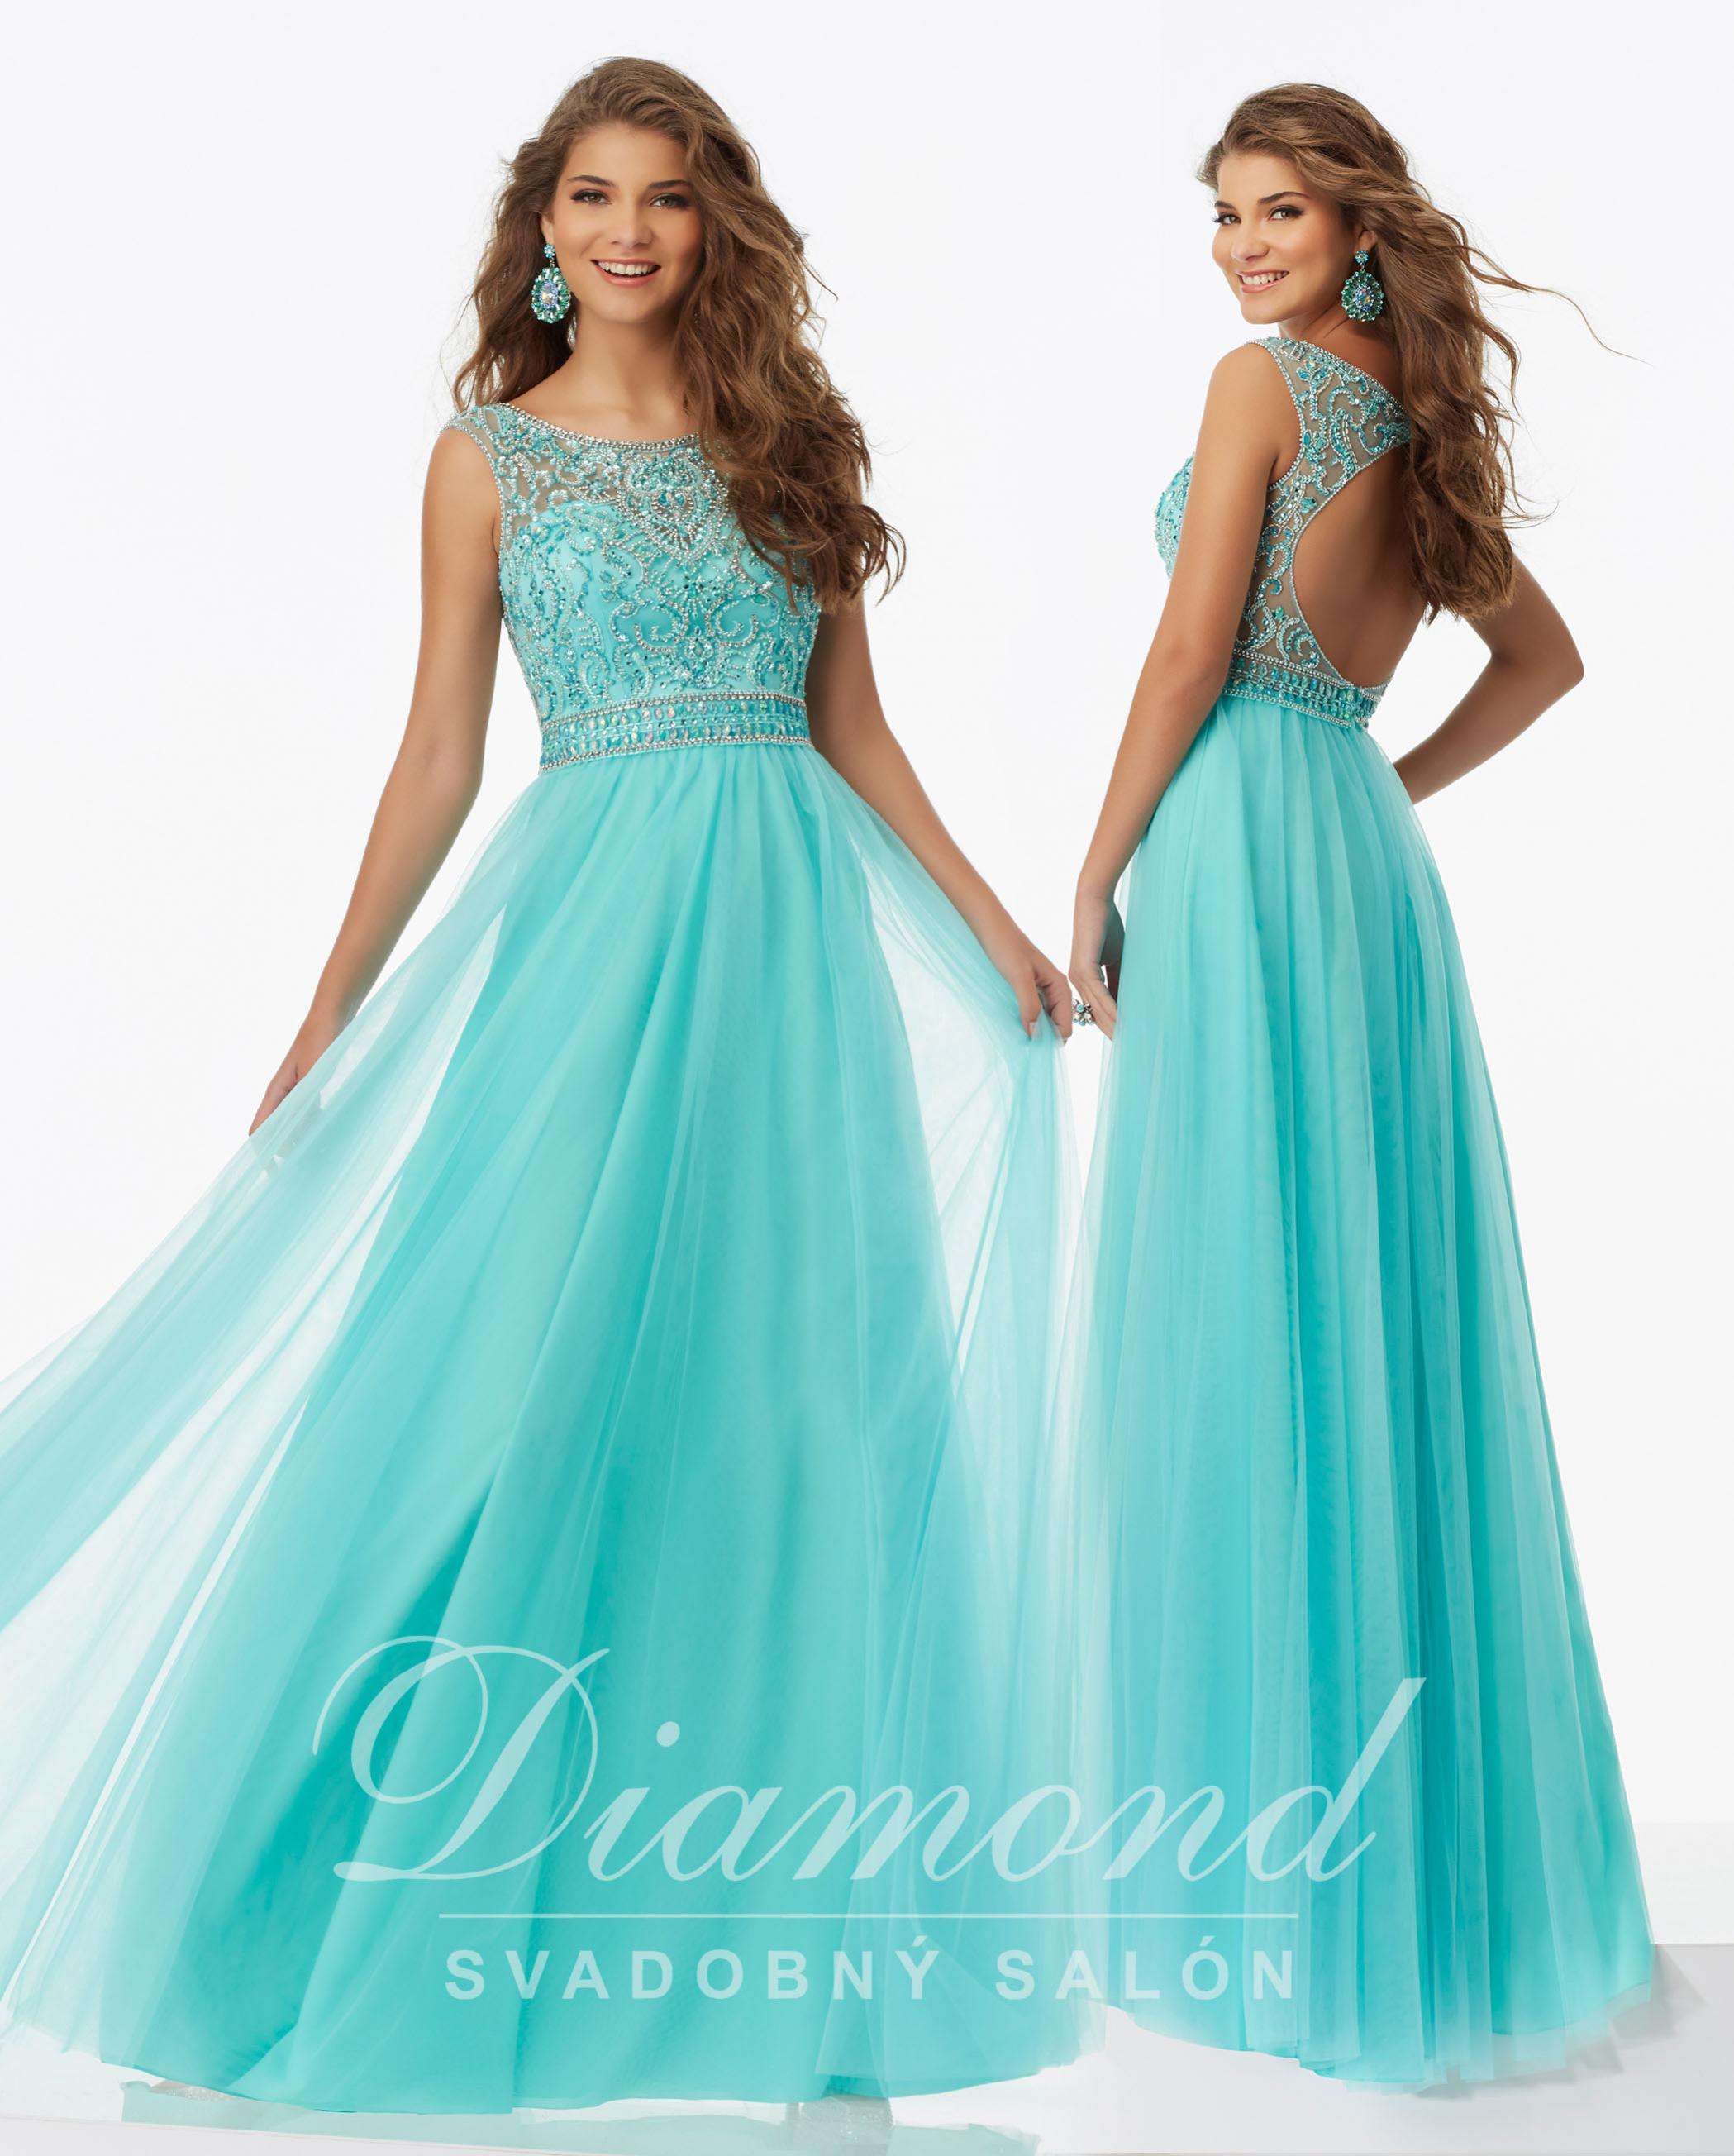 Svadobný salón Diamond Nitra - šaty na každú príležitosť - Svadobný ... 4418c5d8b4e